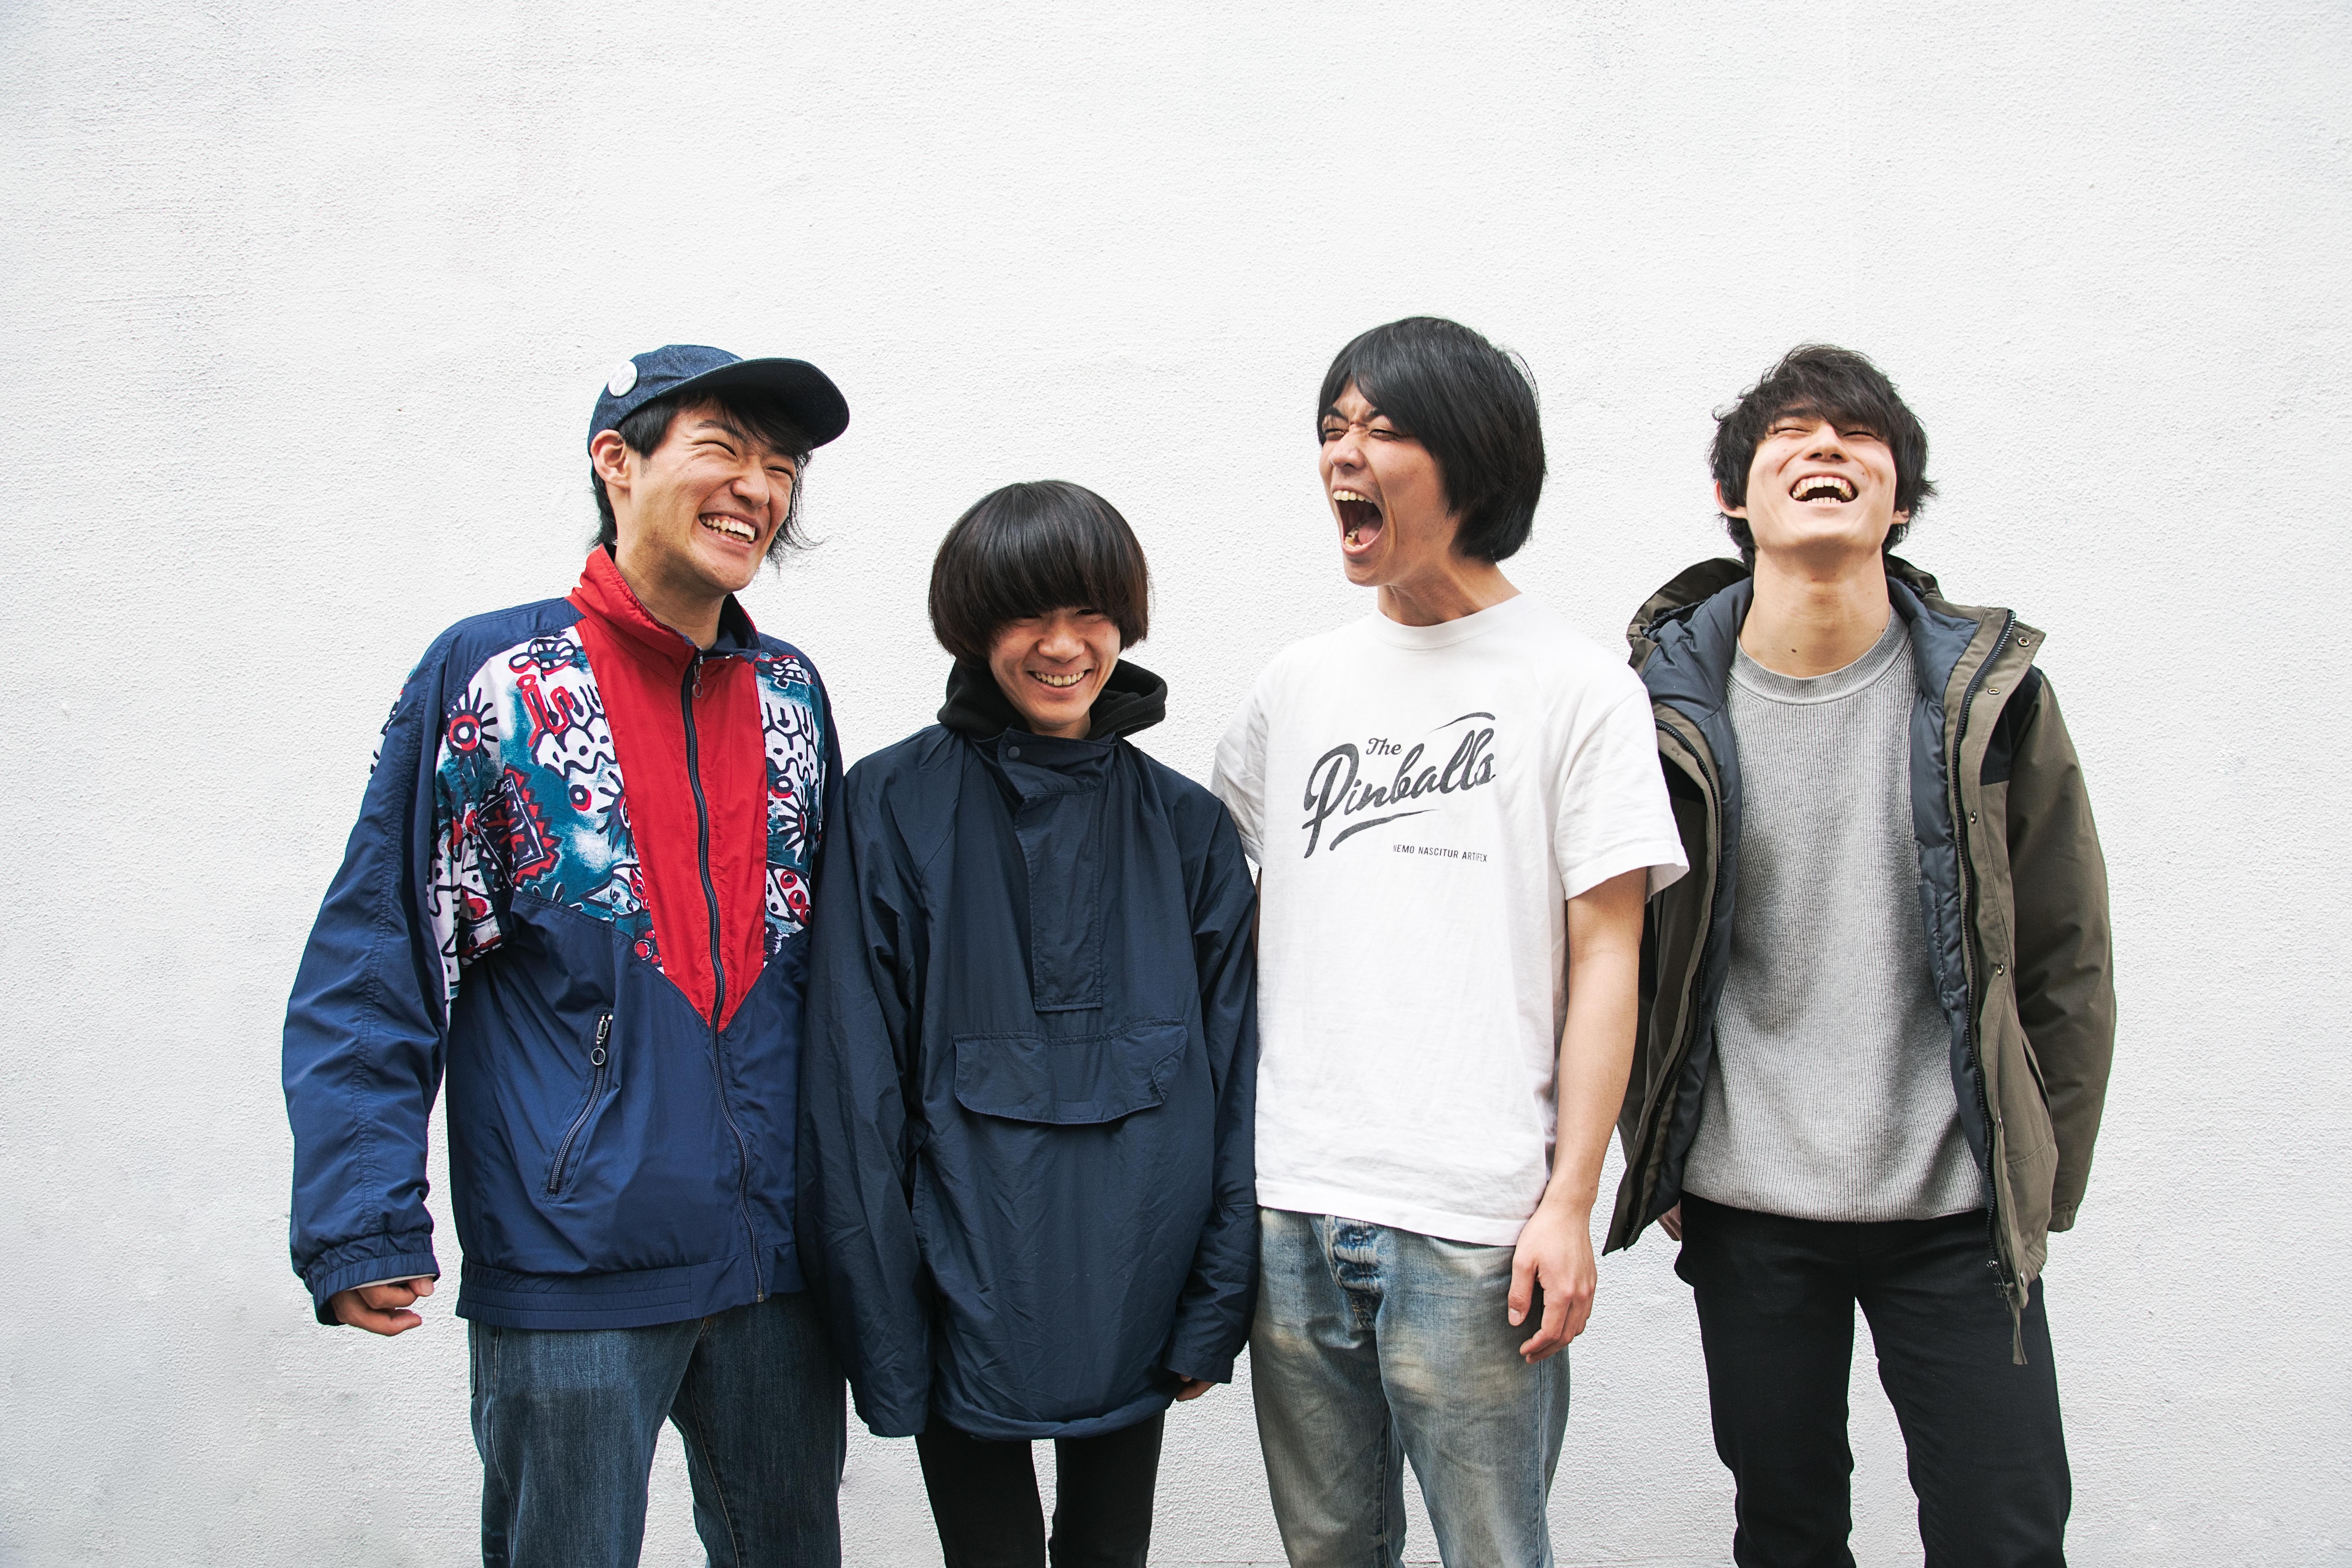 【注目の学生アーティスト】関西中心に活動中の4ピースロックバンド・CAT ATE HOTDOGS「演奏能力とライブが凄まじい」